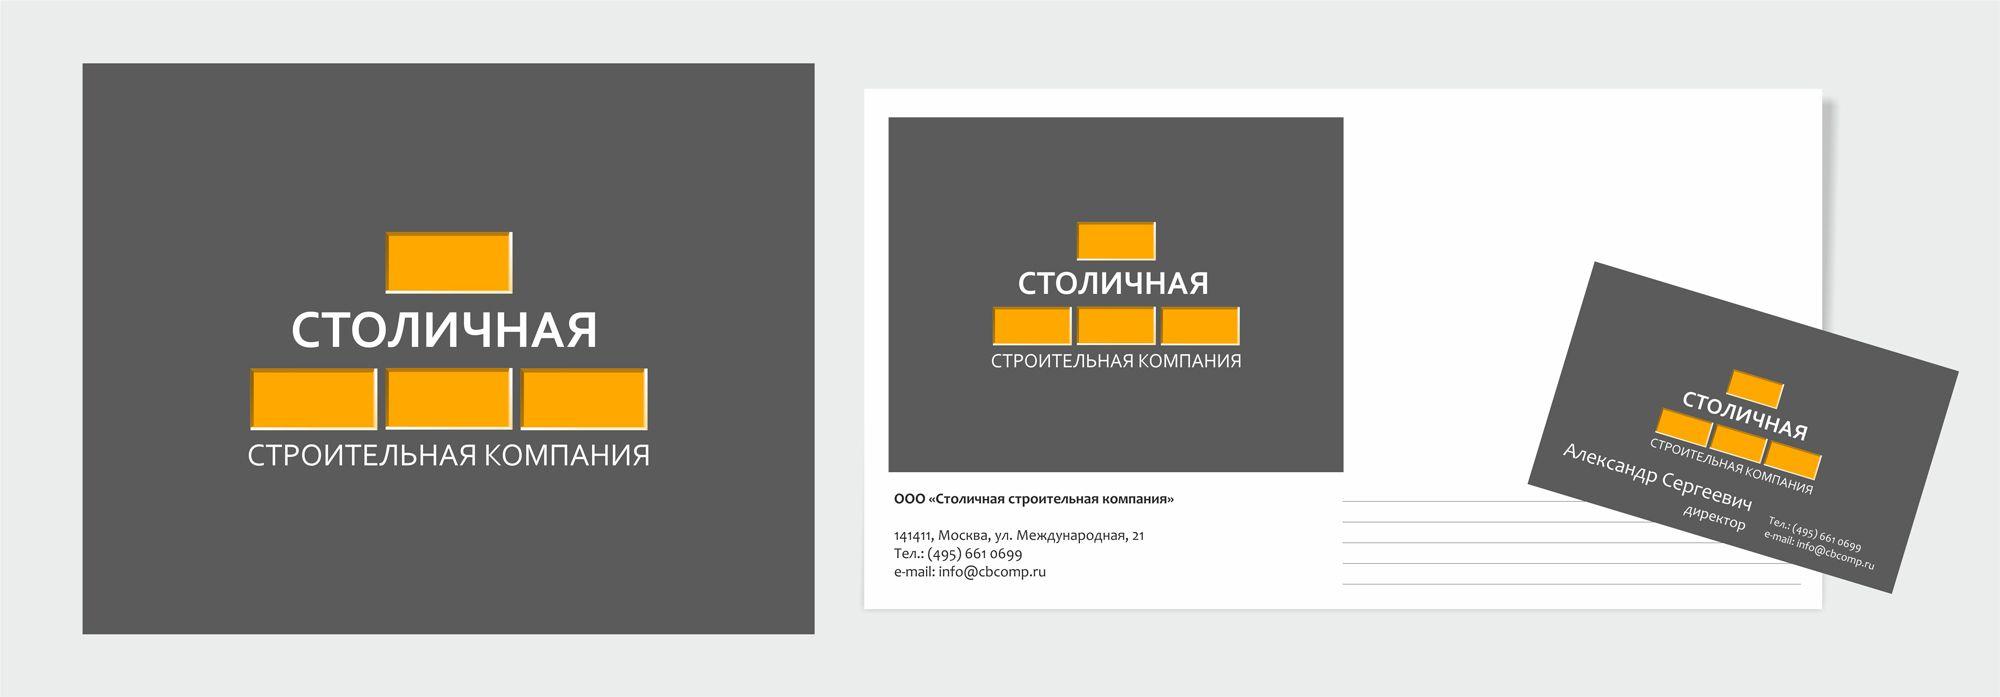 Лого и Фирменный стиль - дизайнер RIA85